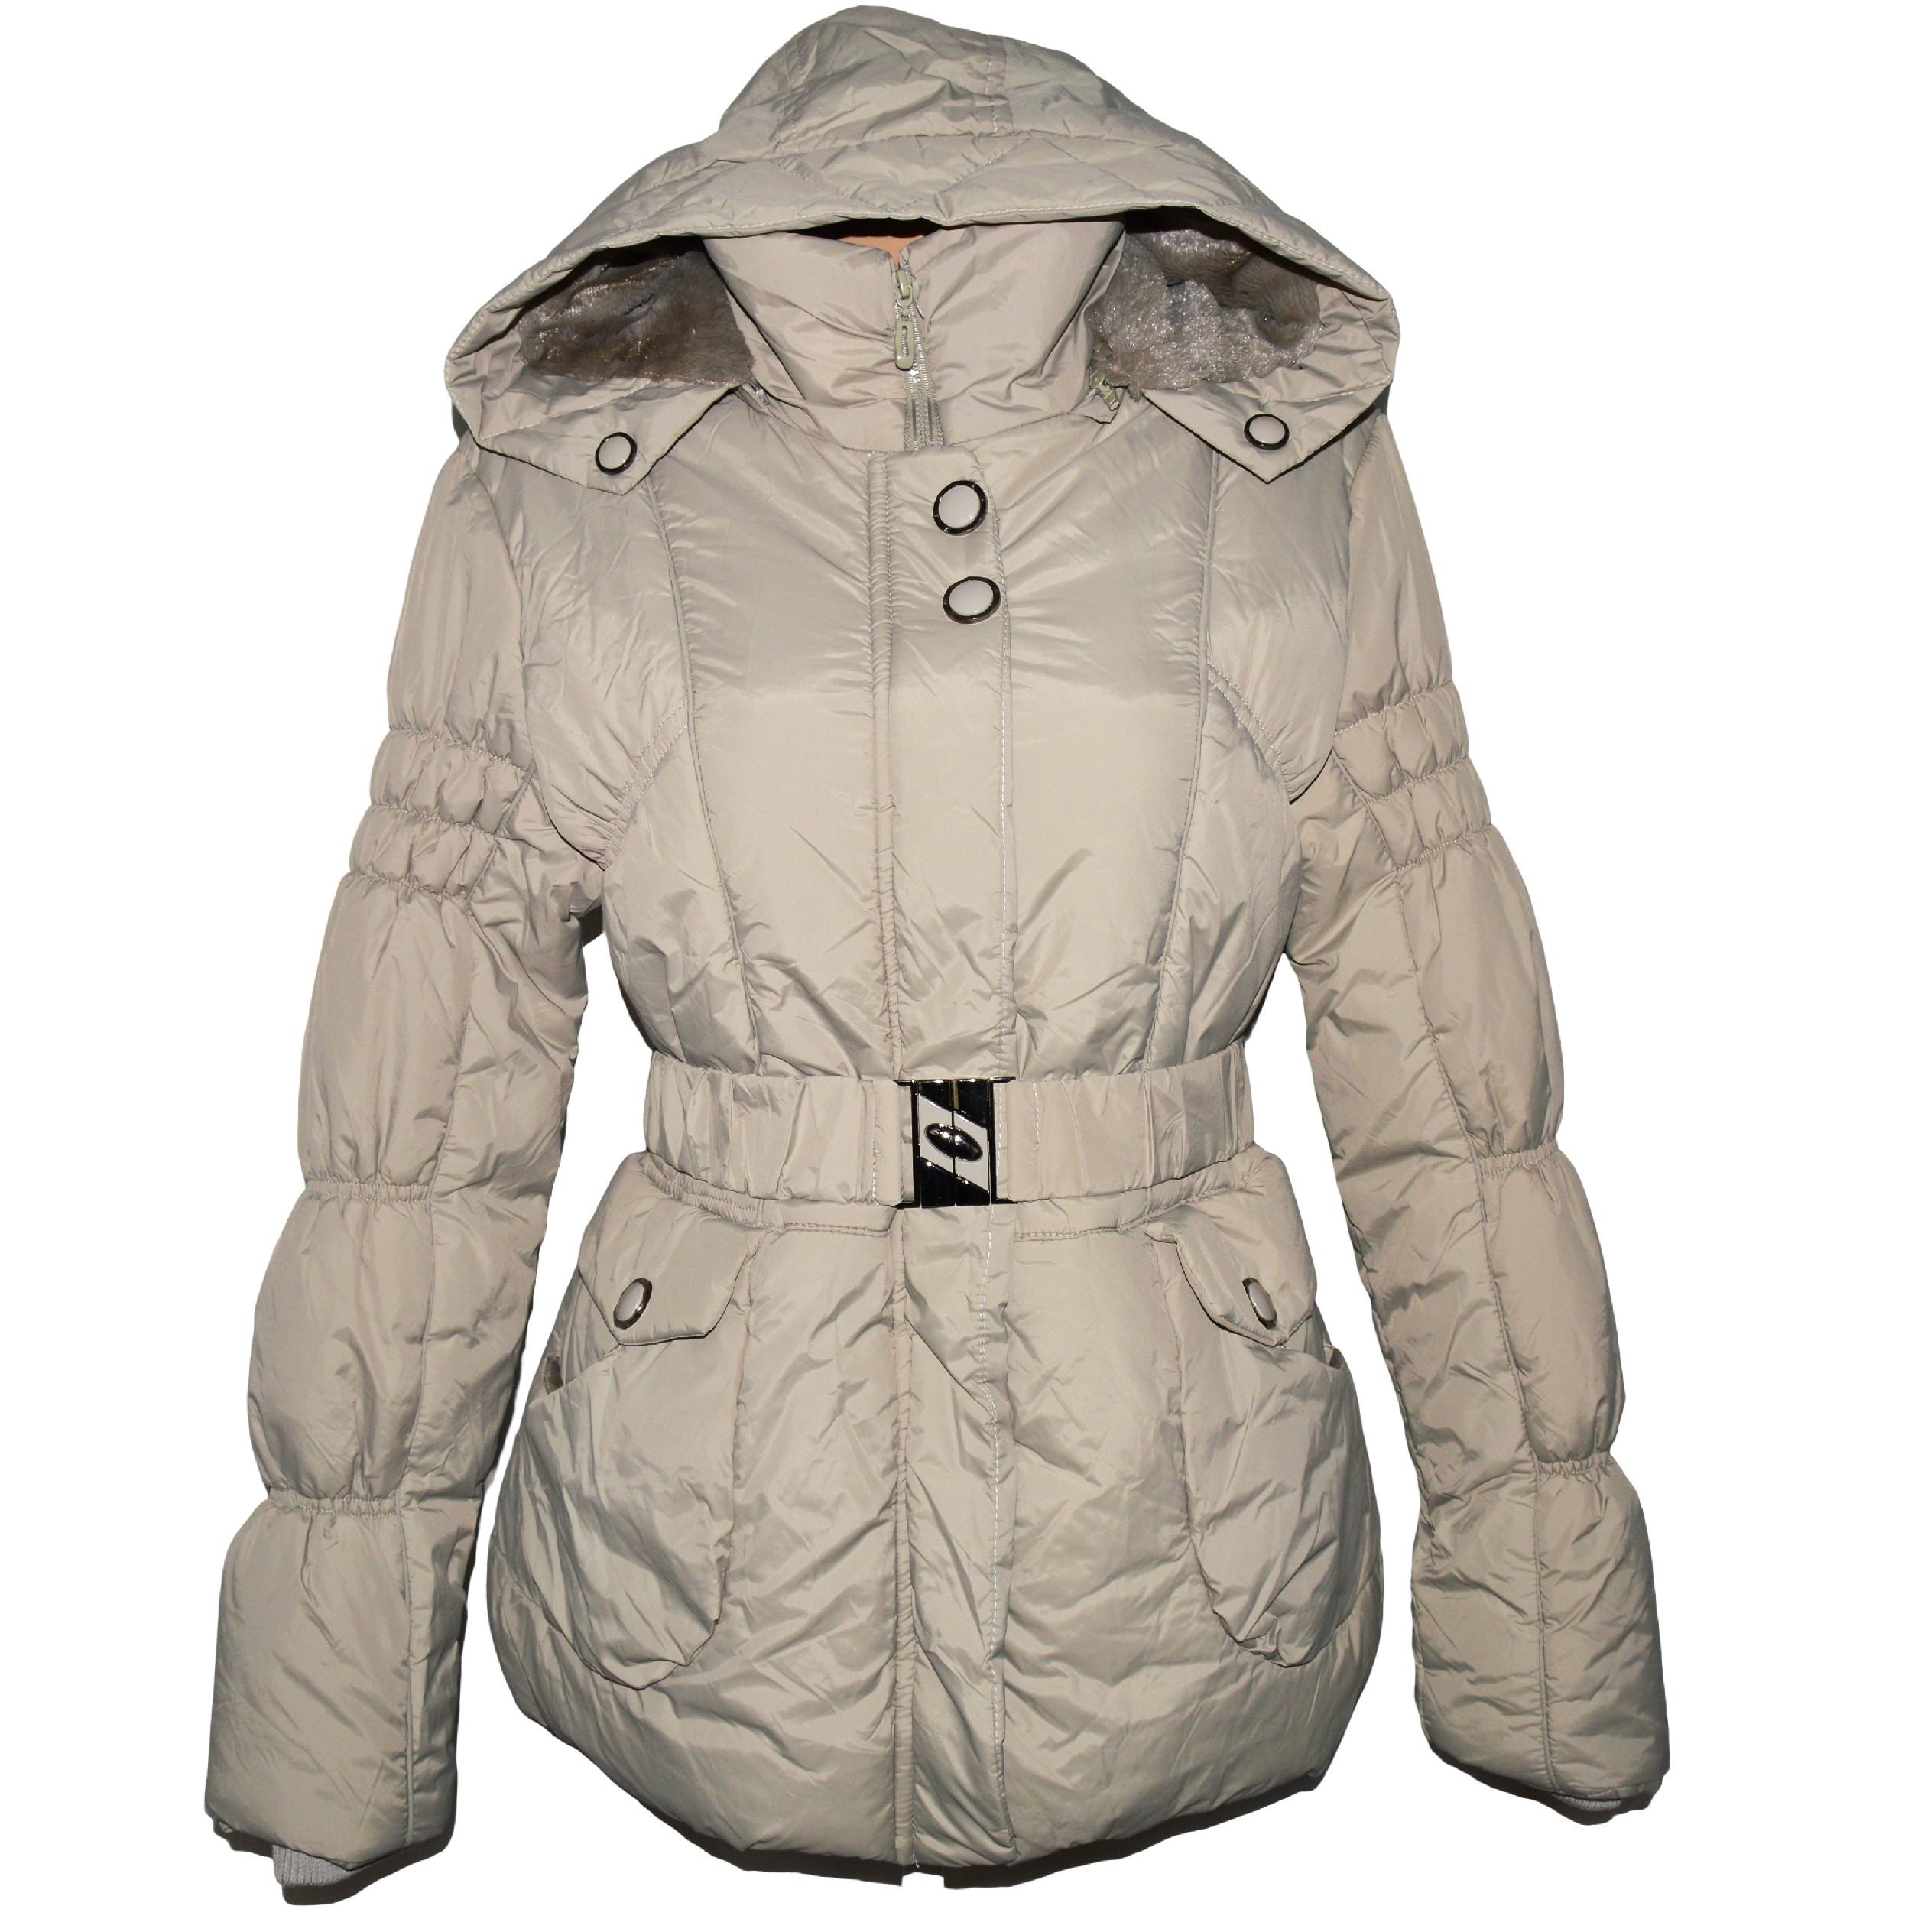 Dámský béžový šusťákový kabát s páskem a kapucí EMT XL